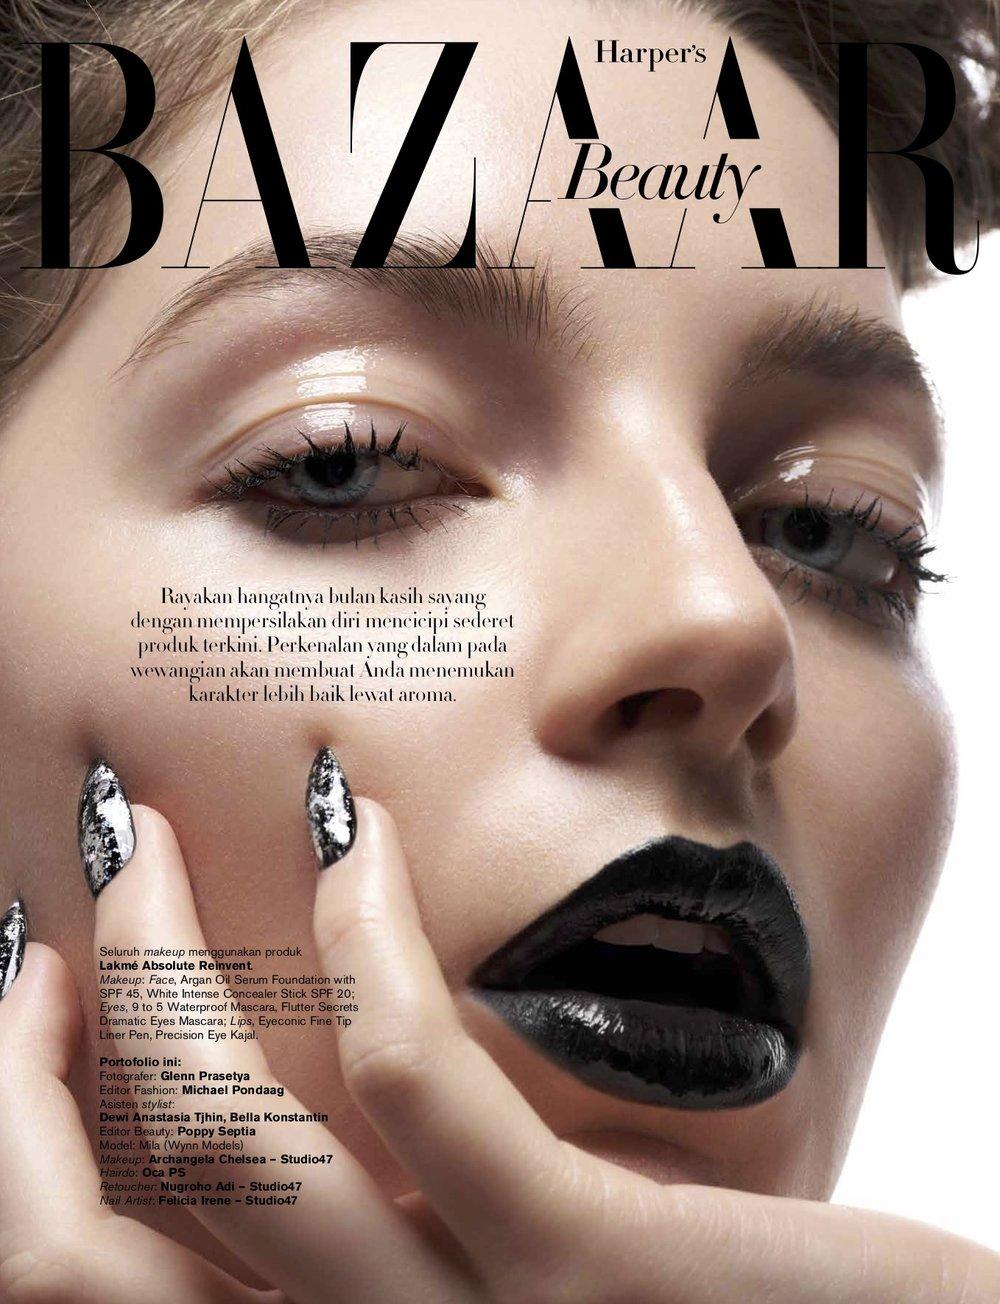 bazaar beauty cover.jpg